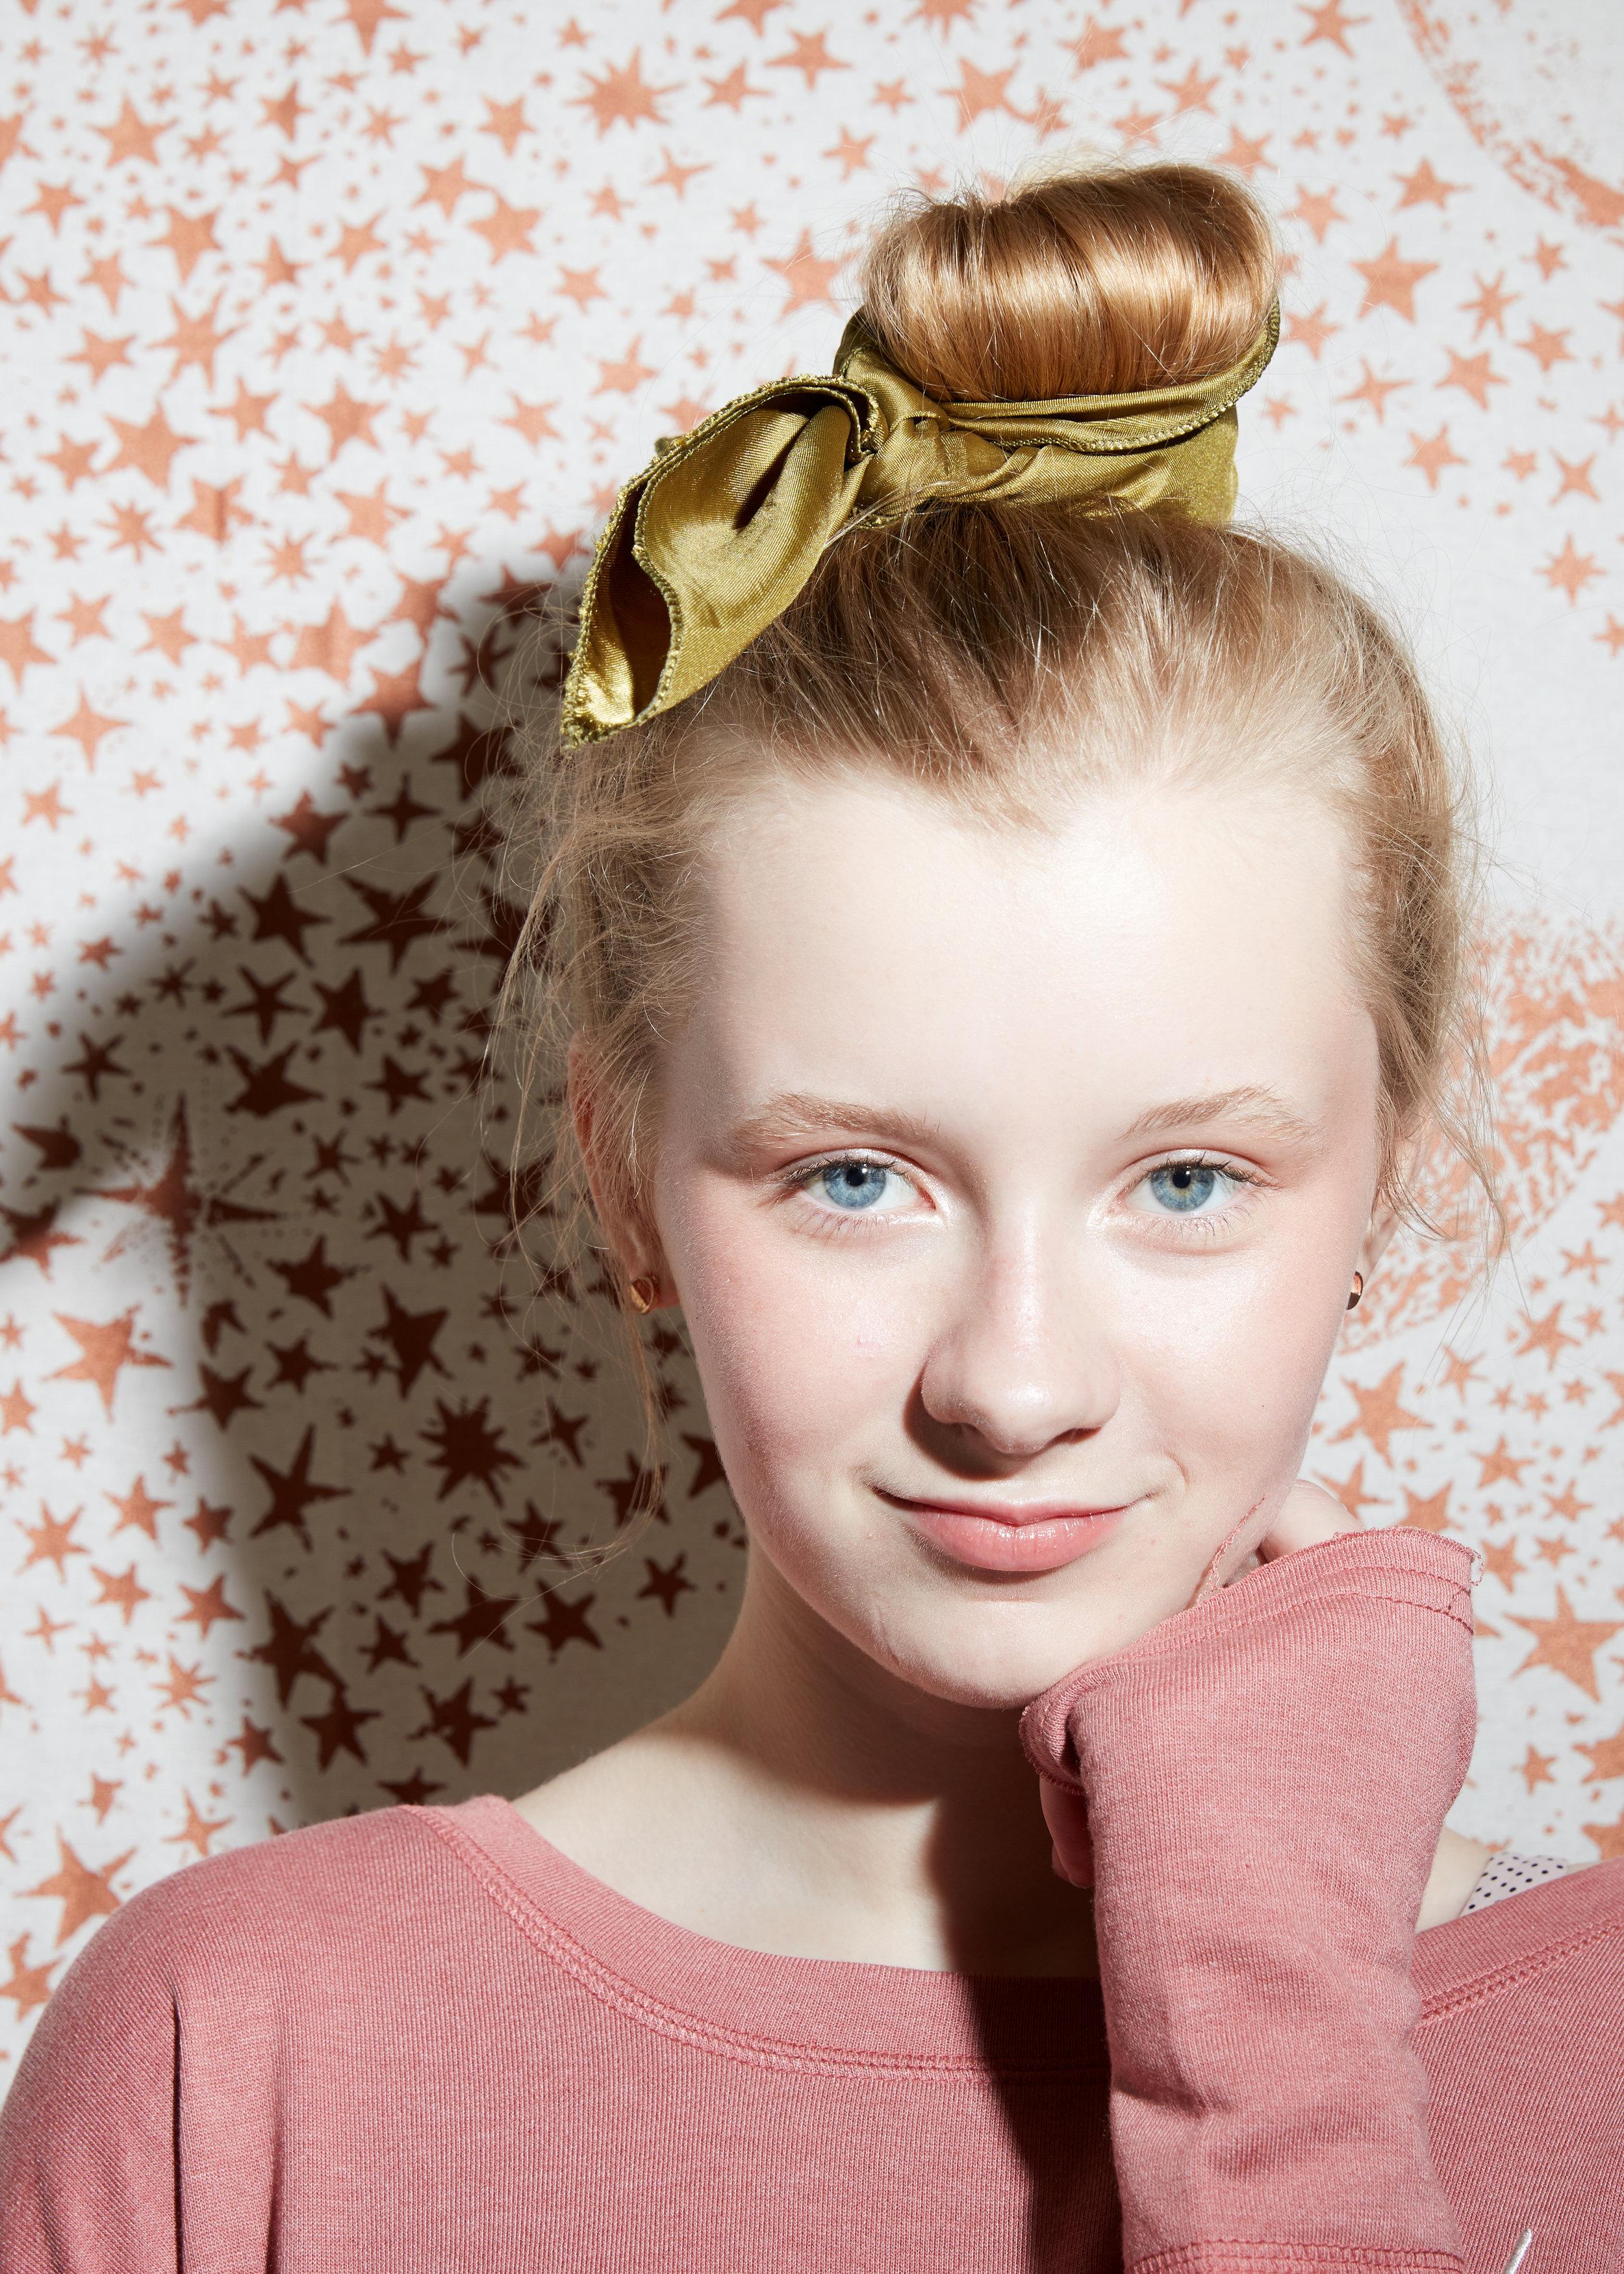 Pegboard_Vada_Teen_Beauty44601_b.jpg